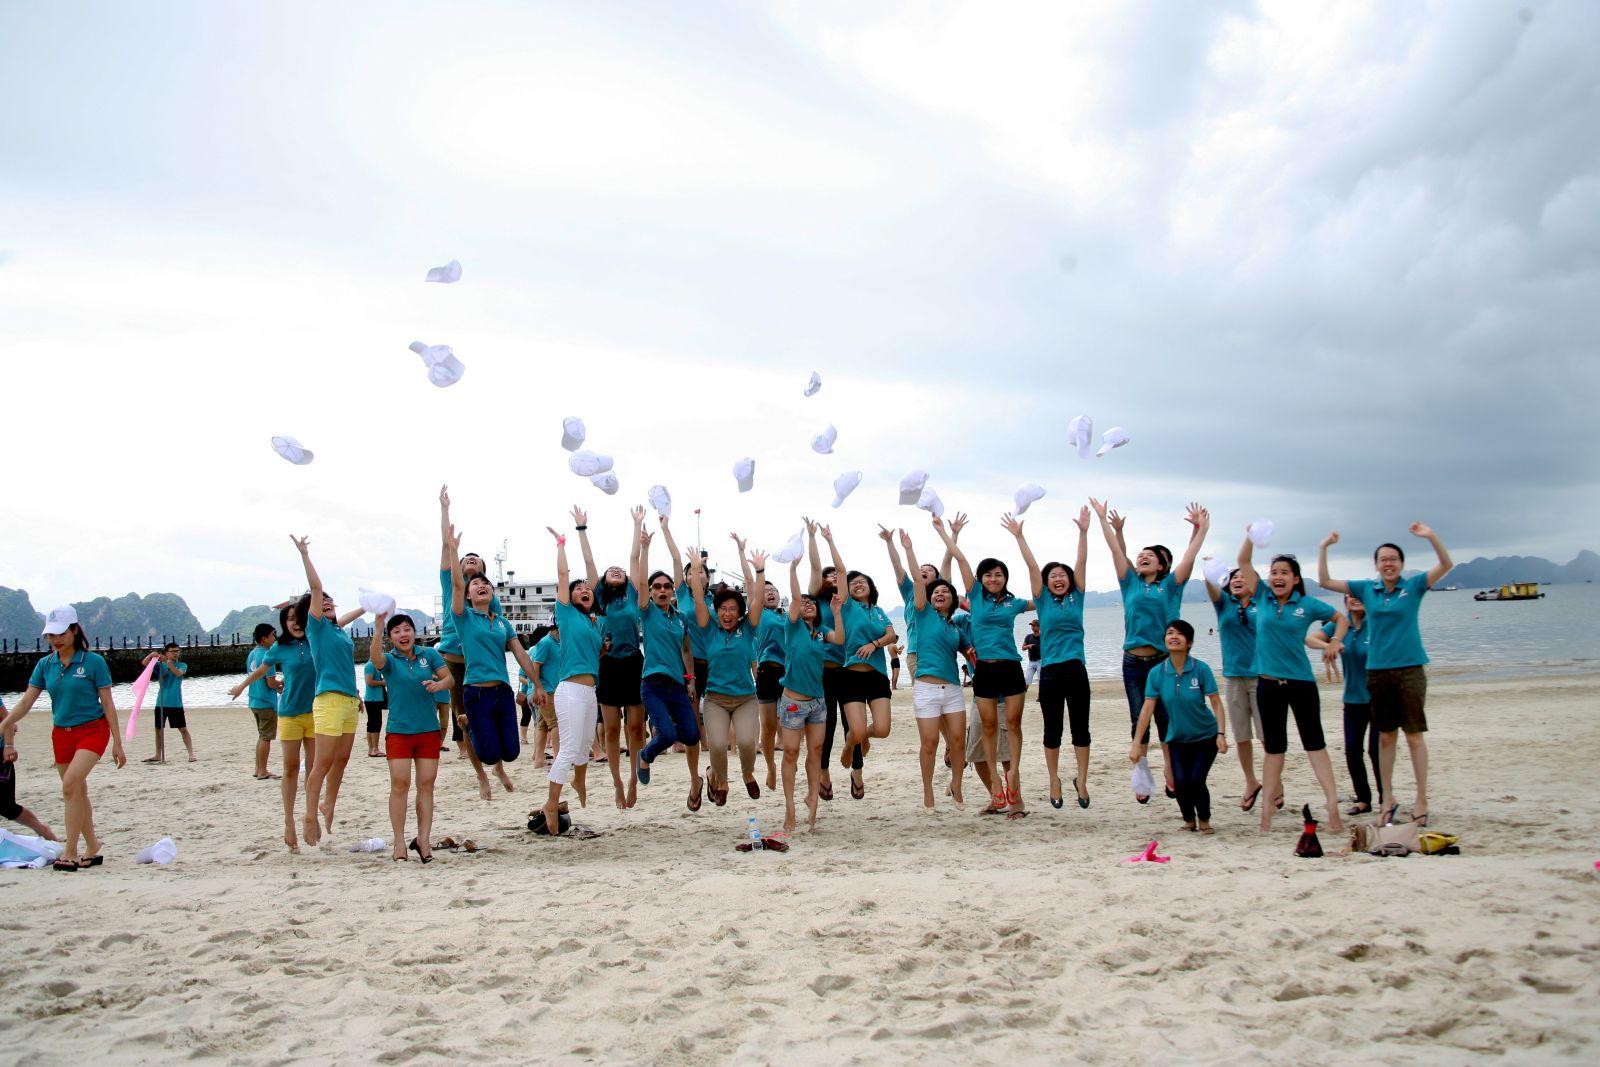 Hướng tới bảo vệ môi trường-Xu hướng tổ chức team building